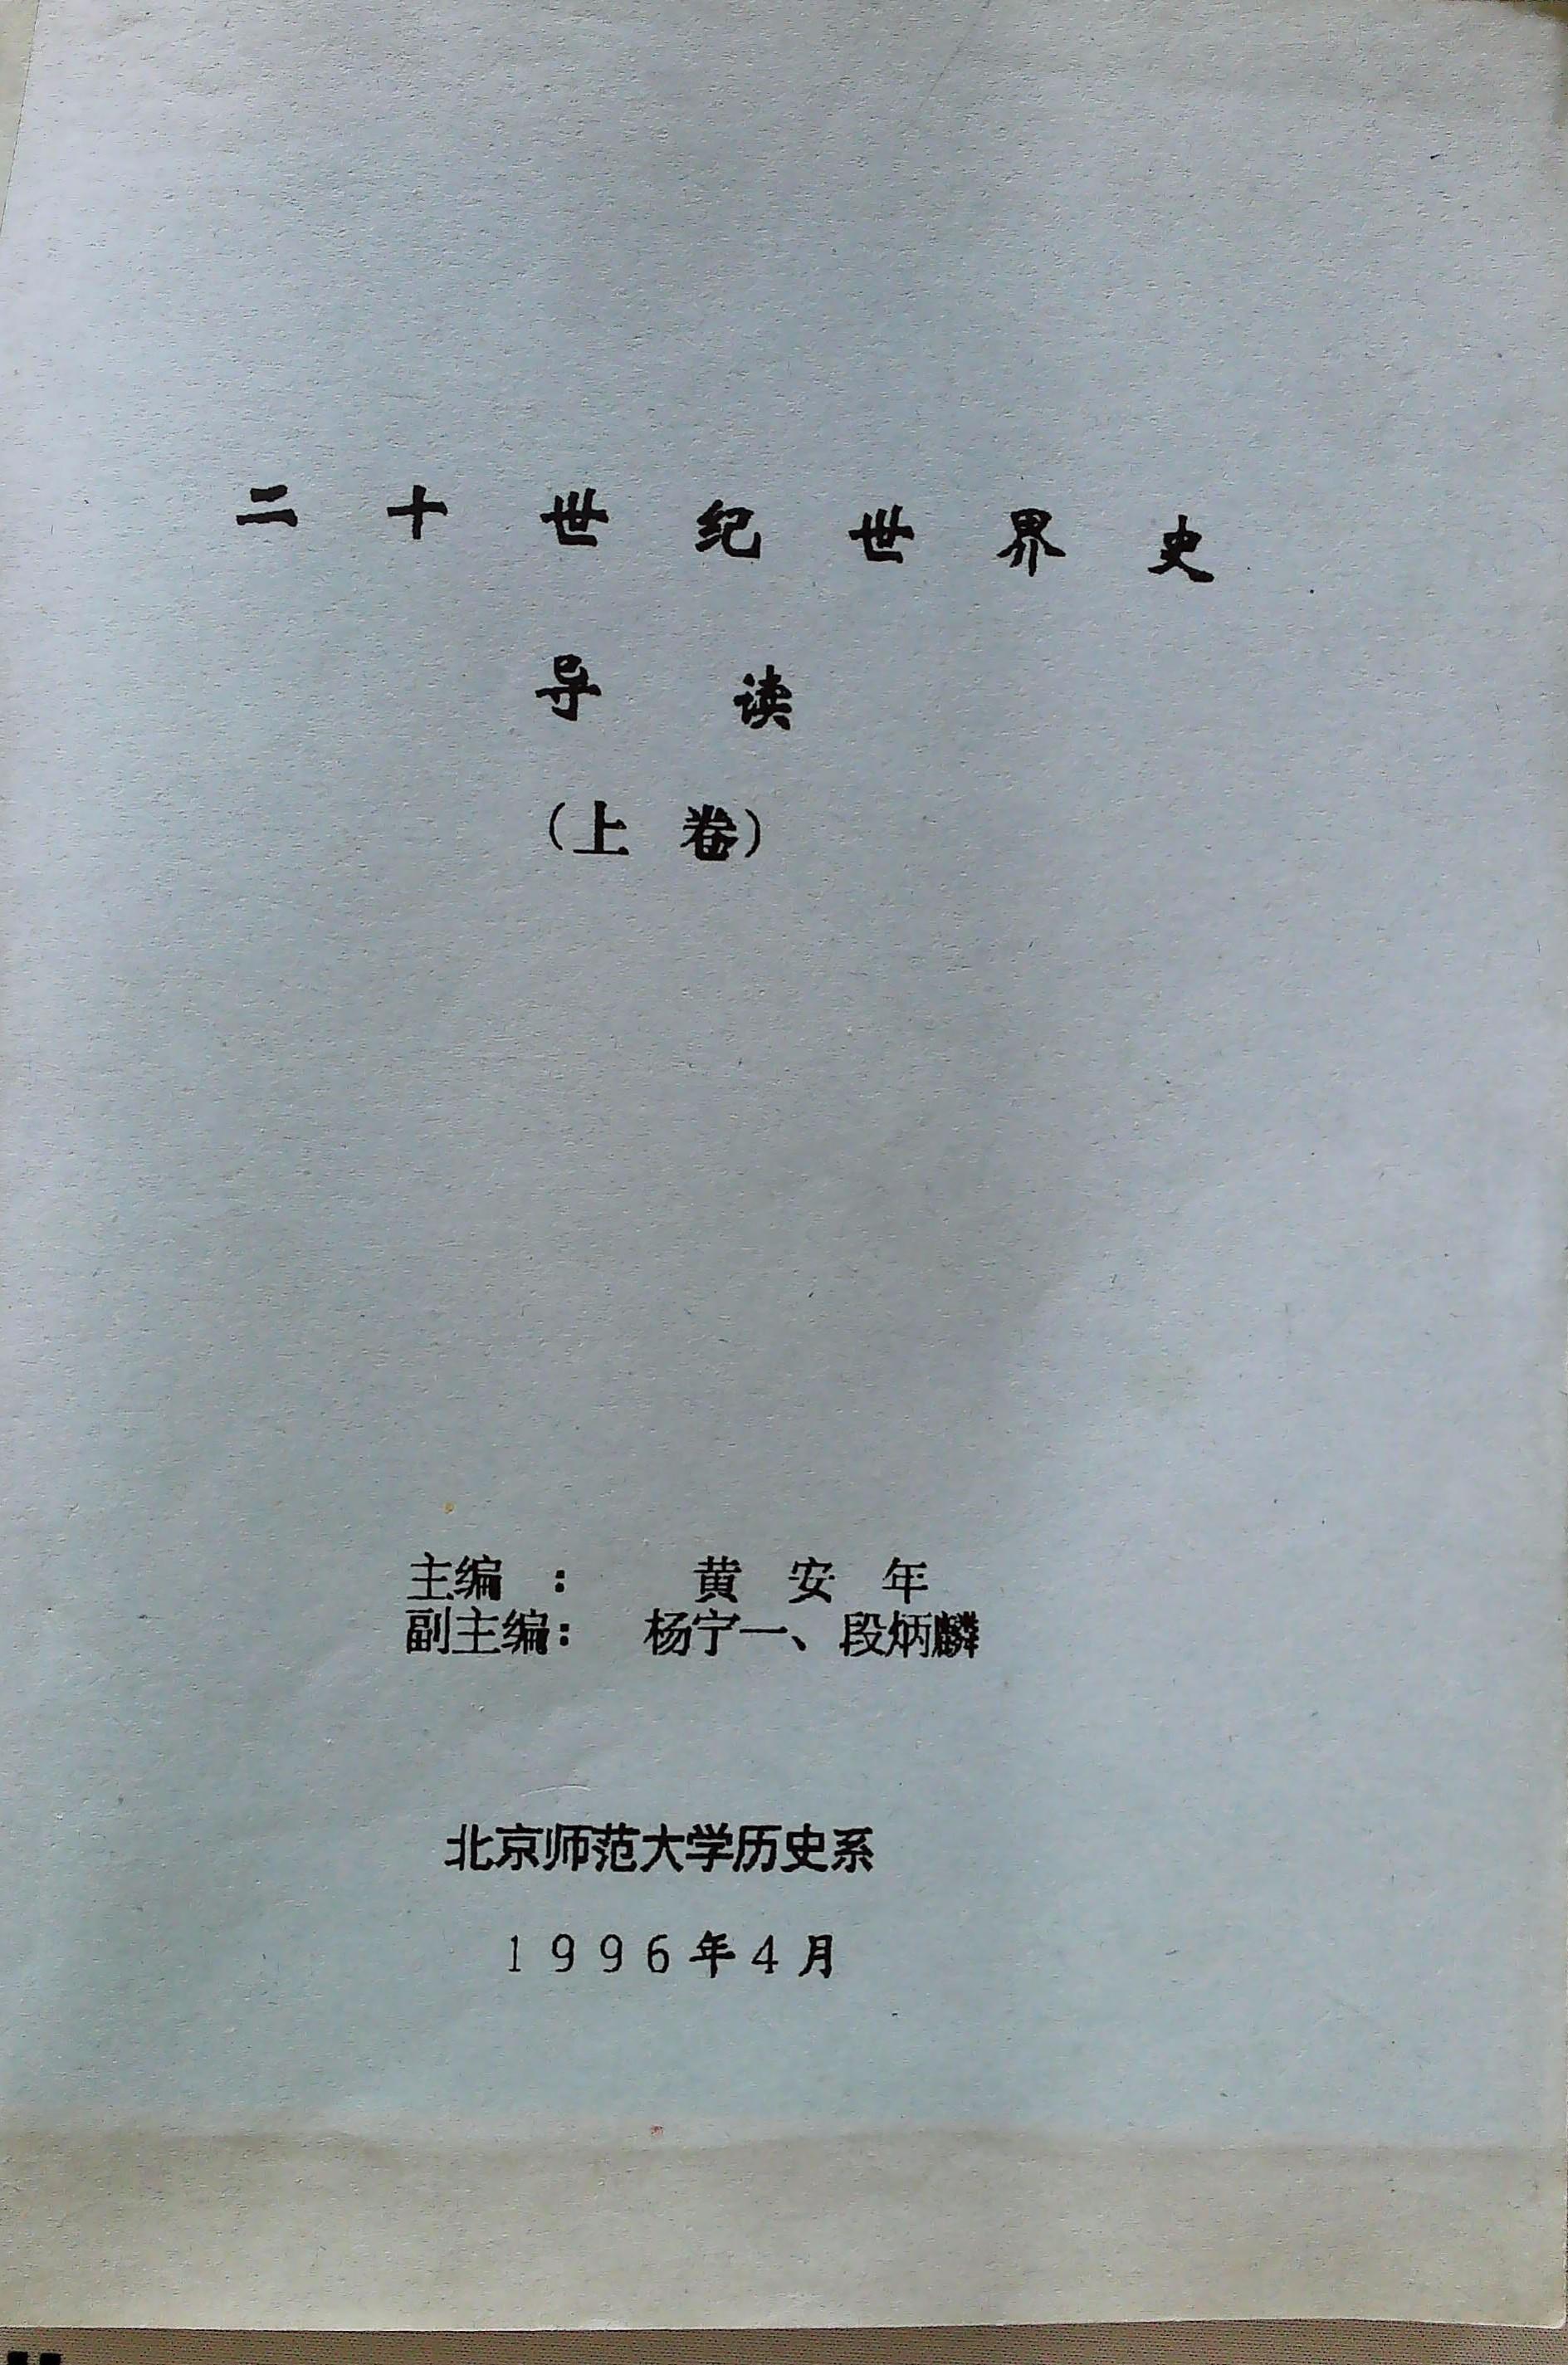 凤凰彩票网站 2